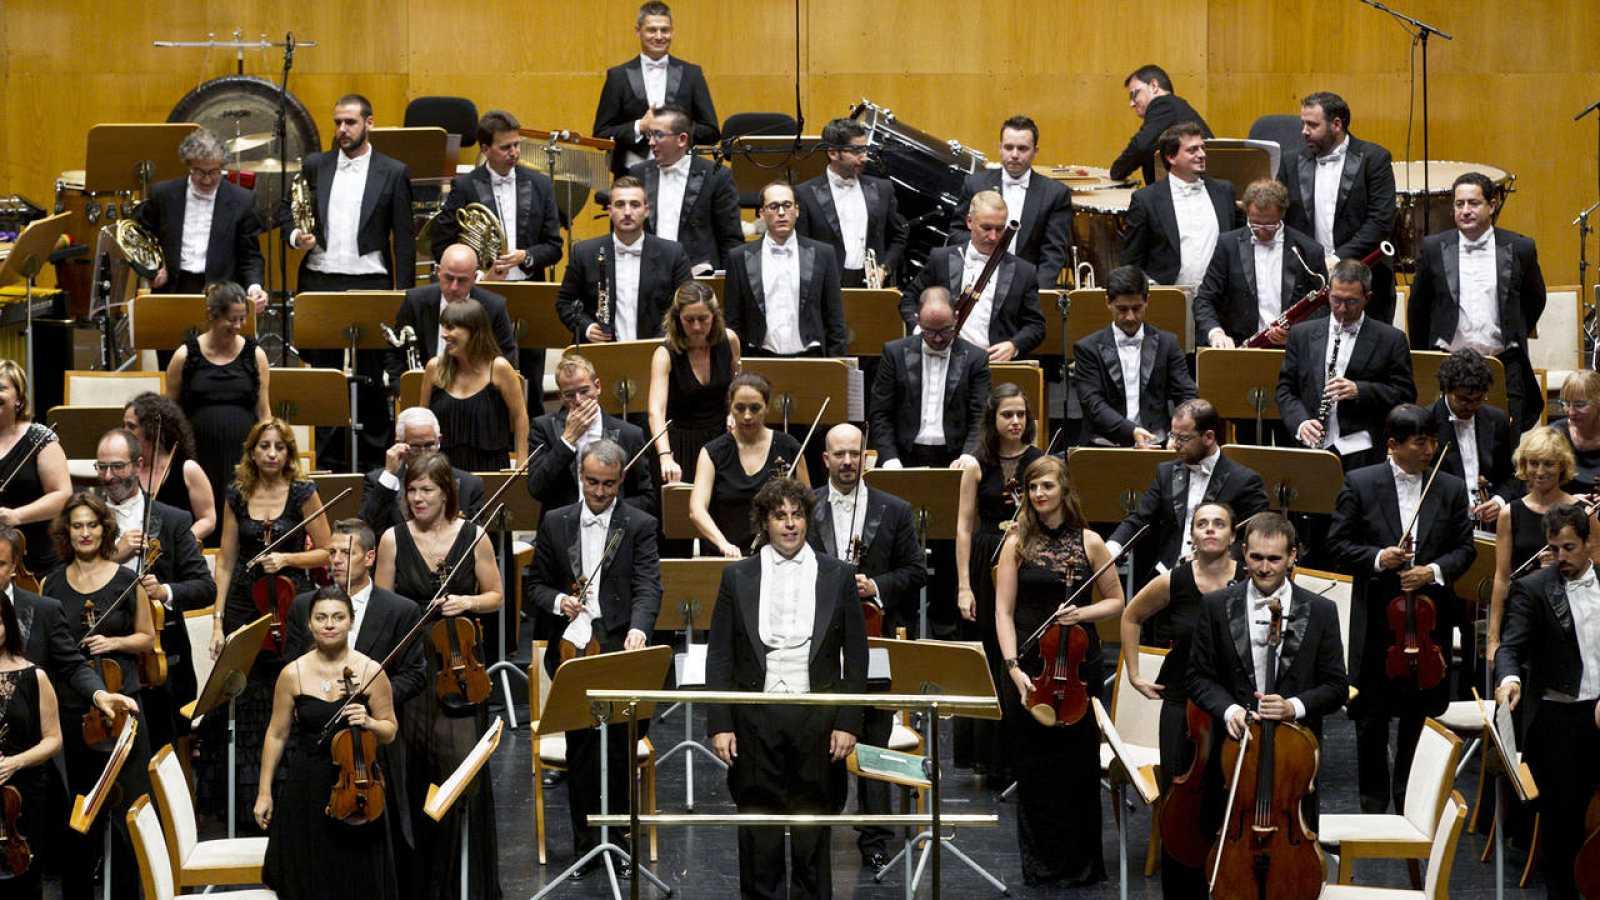 La Orquesta Sinfónica y Coro RTVE participa en la XXIV edición del Otoño Musical Soriano